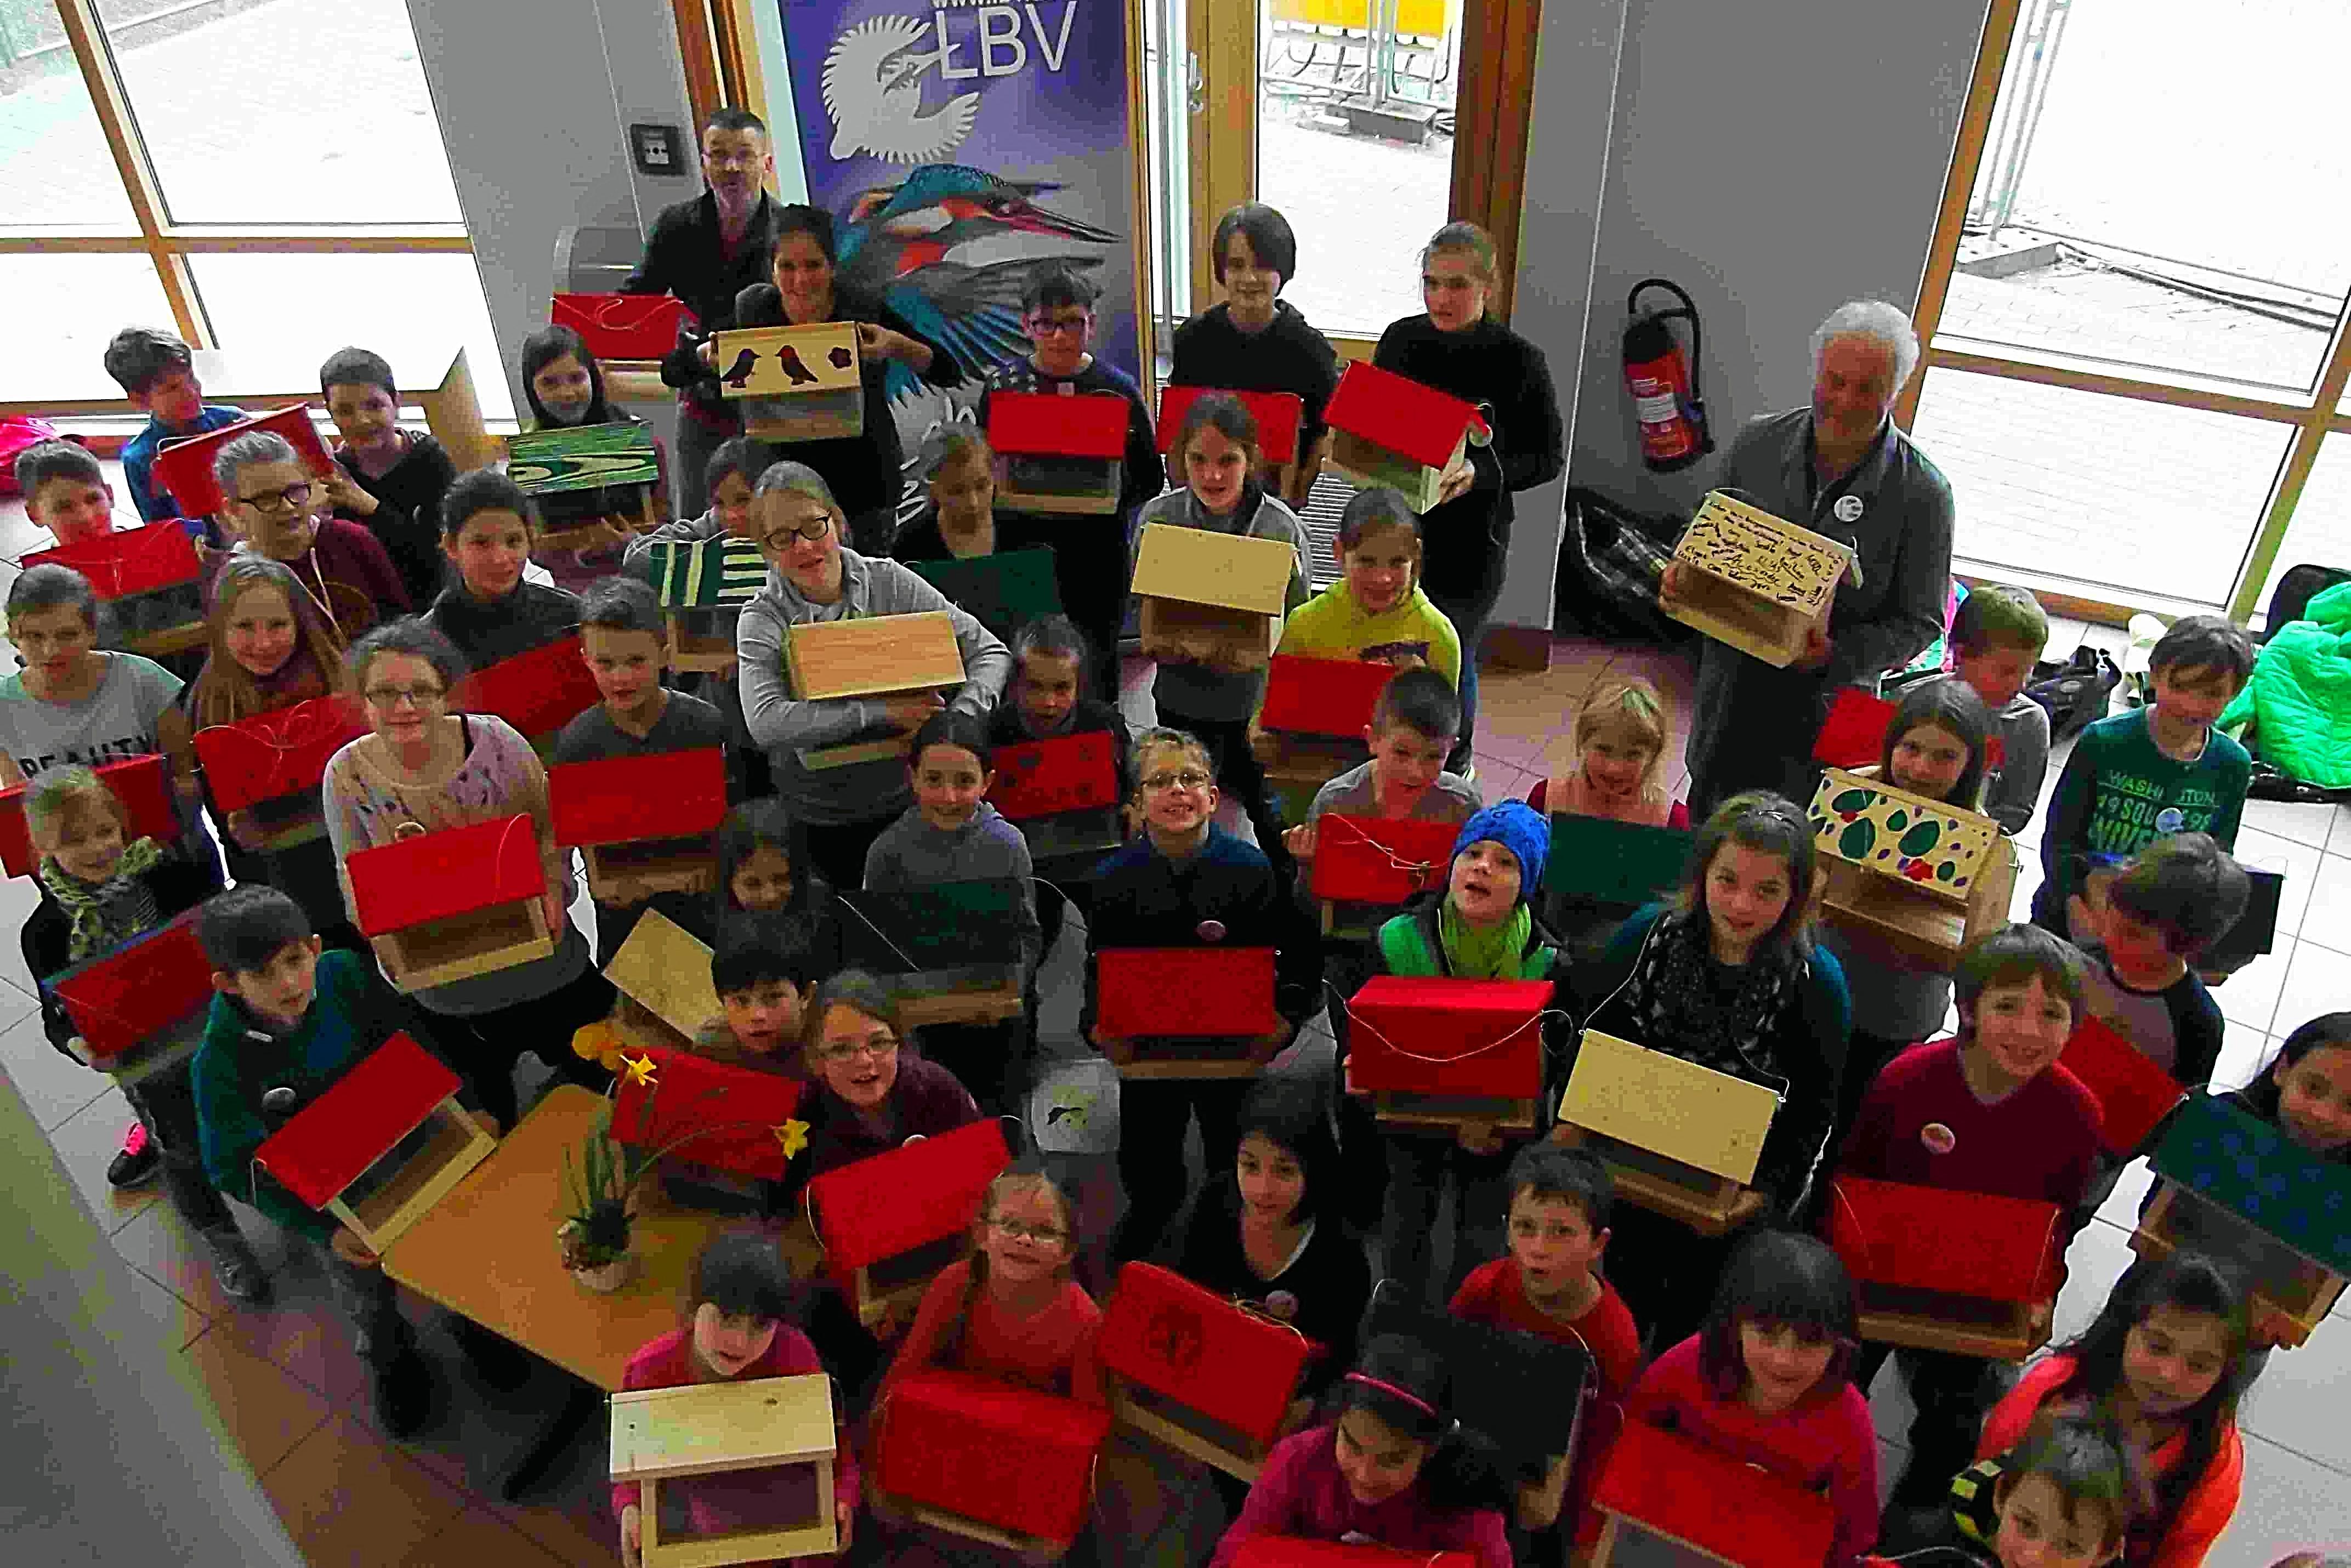 Kinder Vogelhäuschen Futterhaus Ferienbetreuung Gymnasium Vöhringen LBV Neu-Ulm